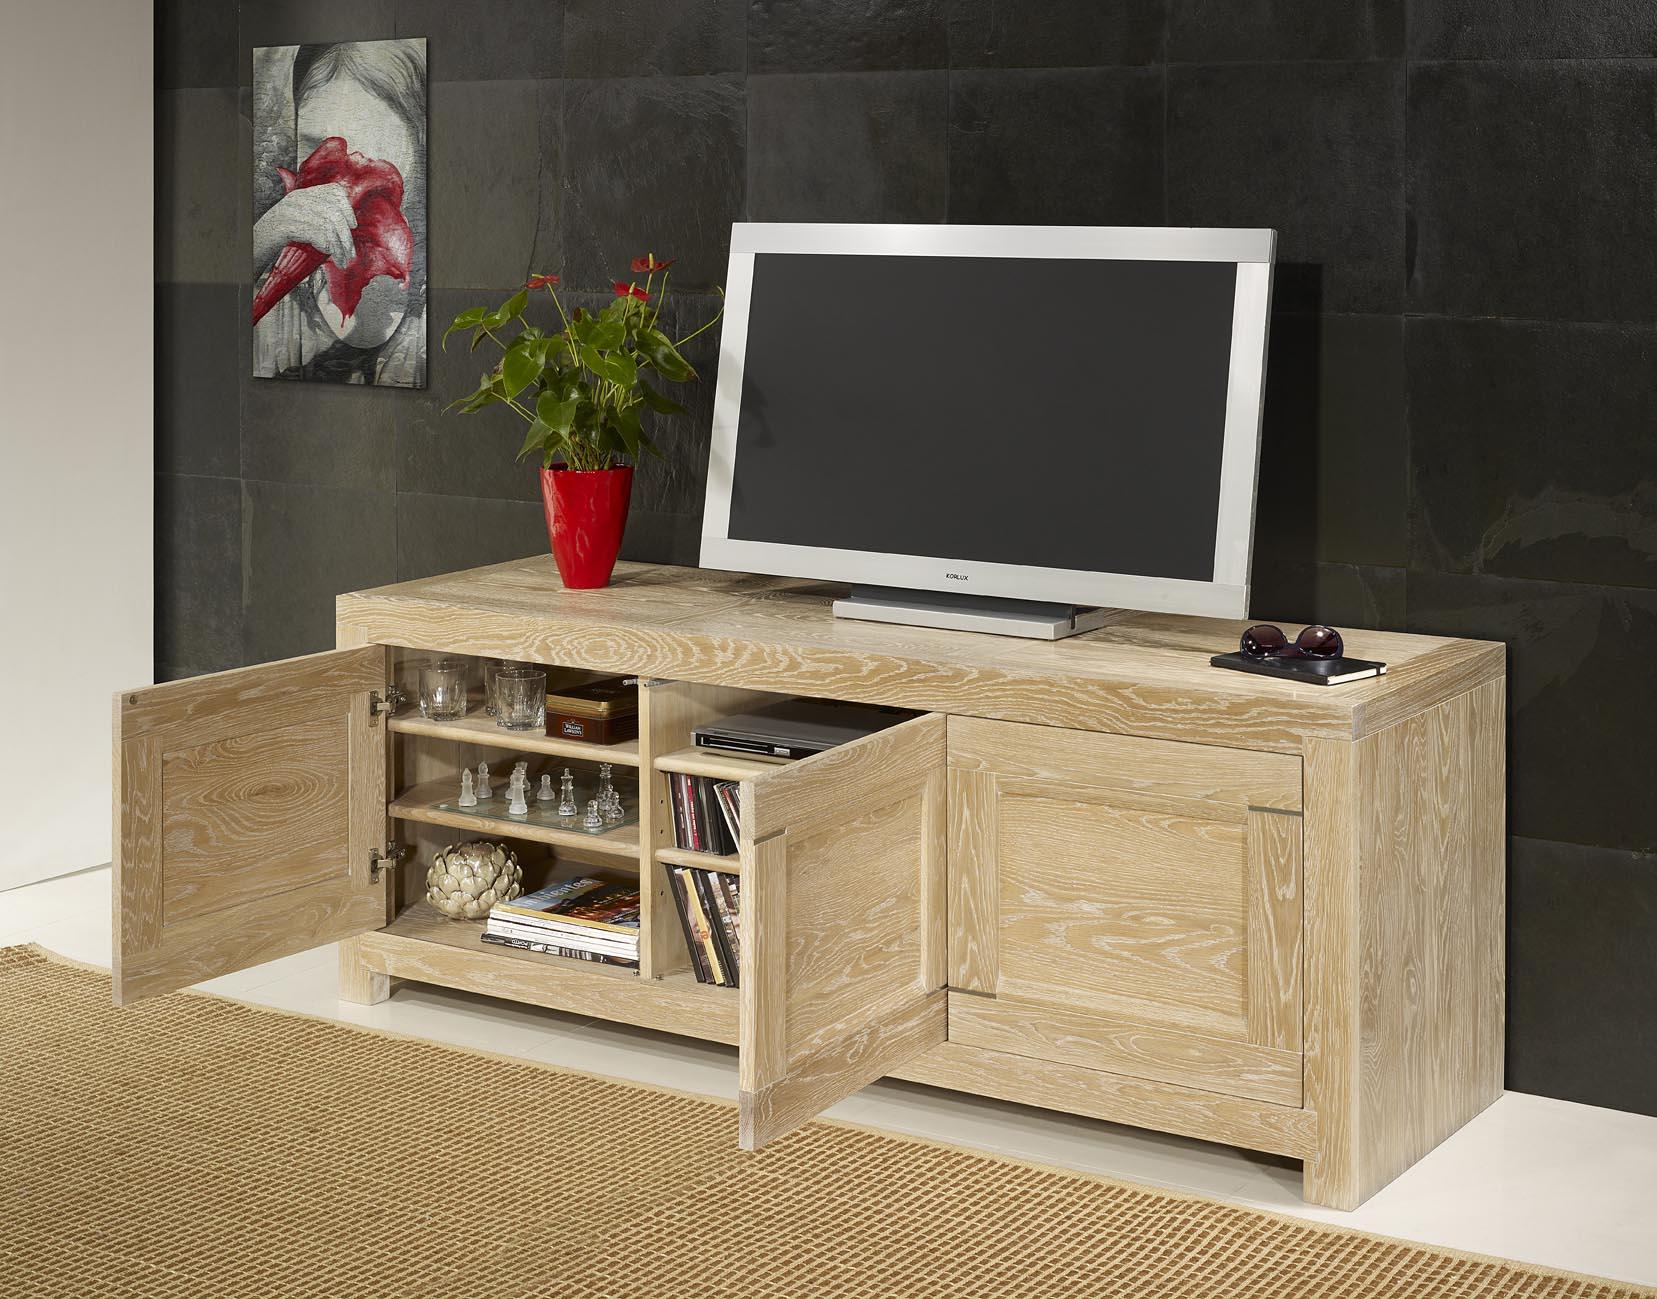 meuble tv 16 9 me thierry en ch ne massif contemporain. Black Bedroom Furniture Sets. Home Design Ideas